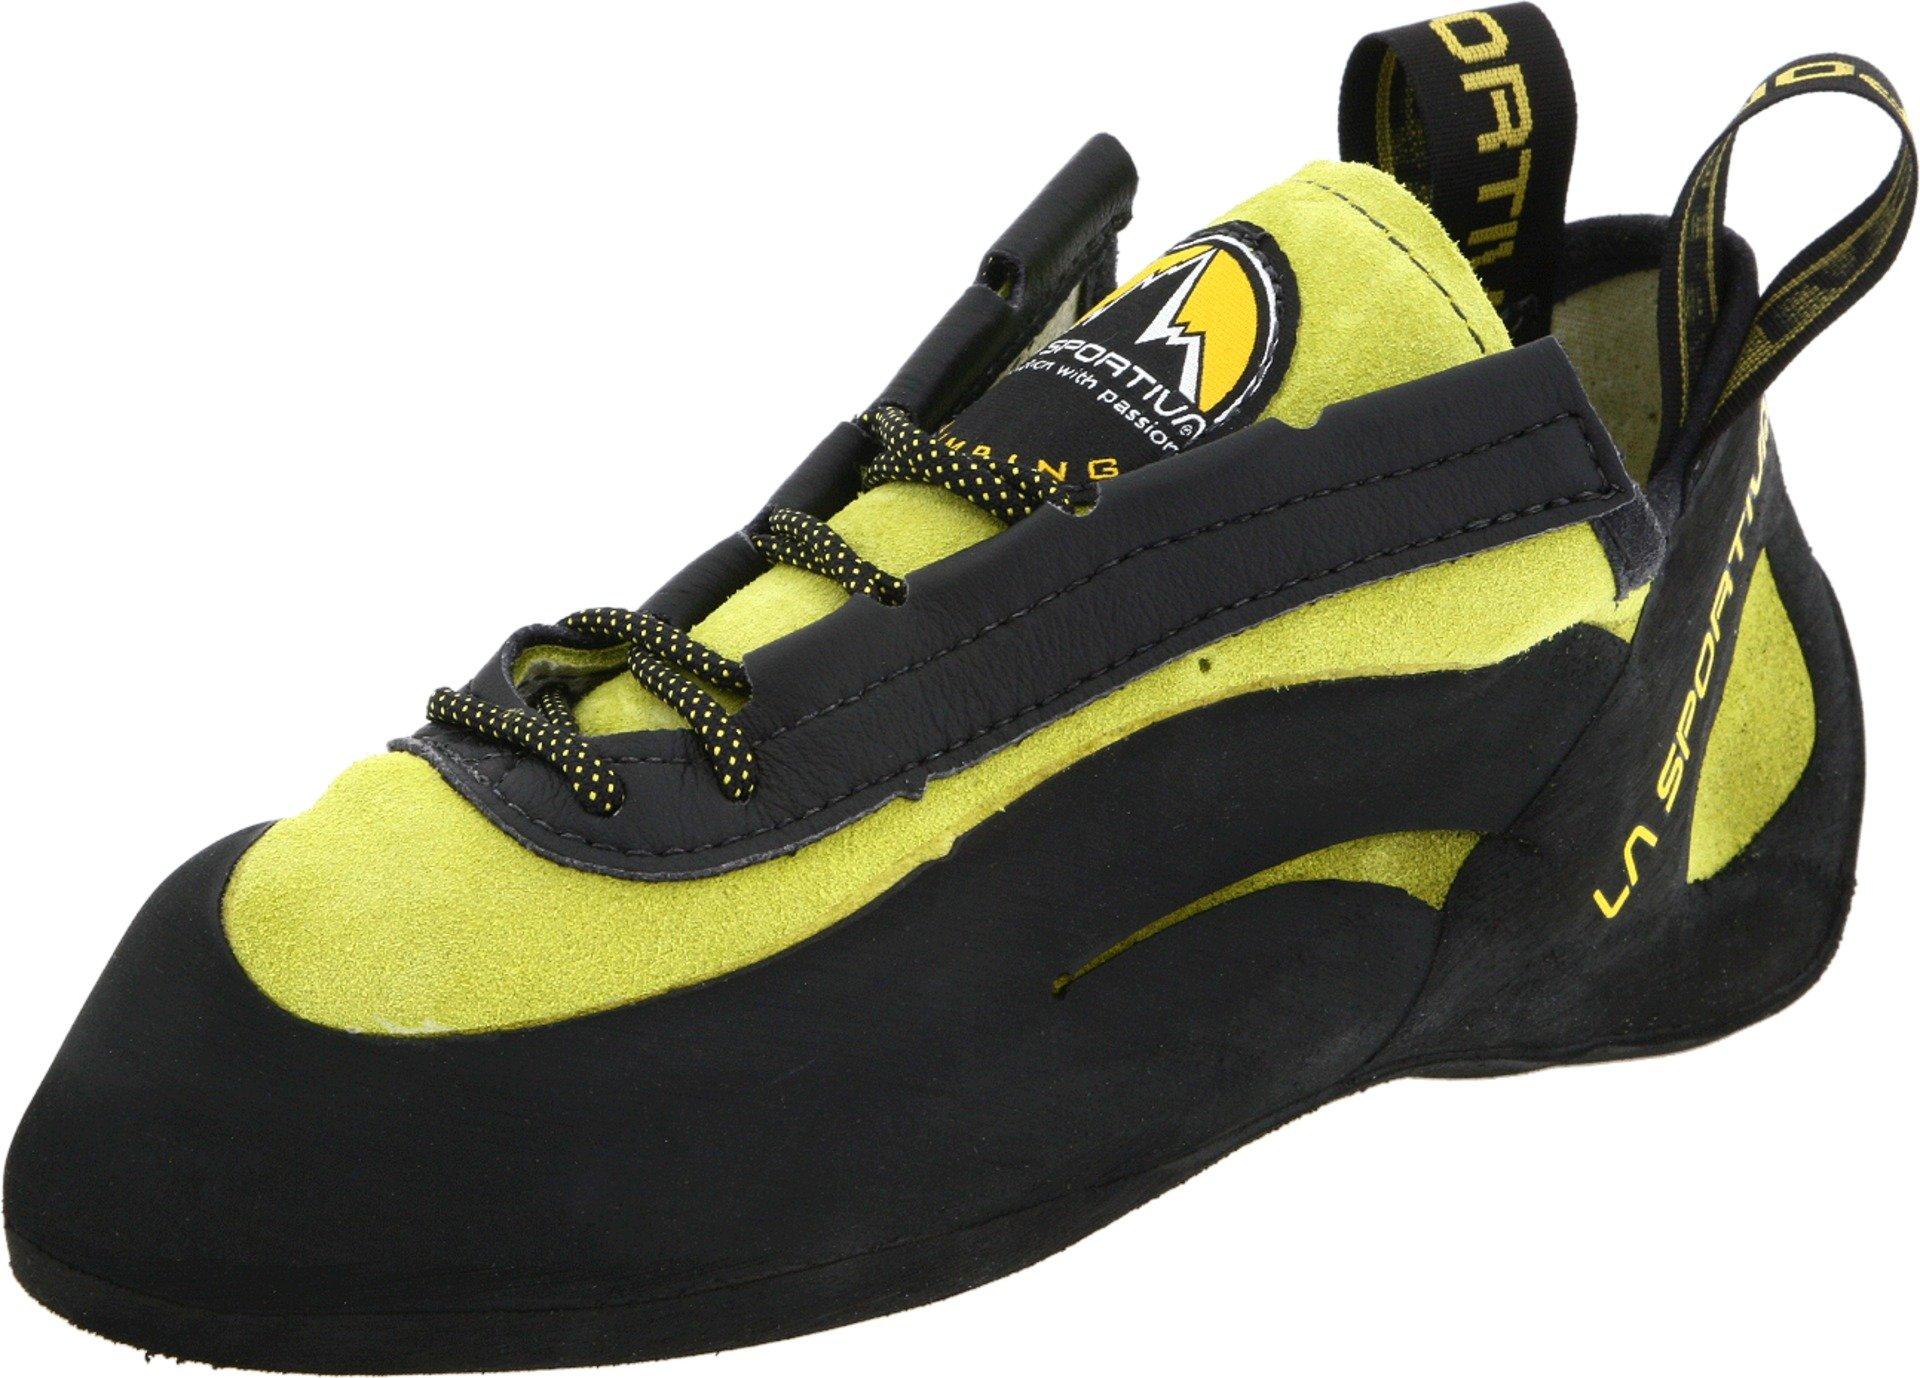 La Sportiva Miura Climbing Shoes Yellow M/8.5 USA W/9.5 USA